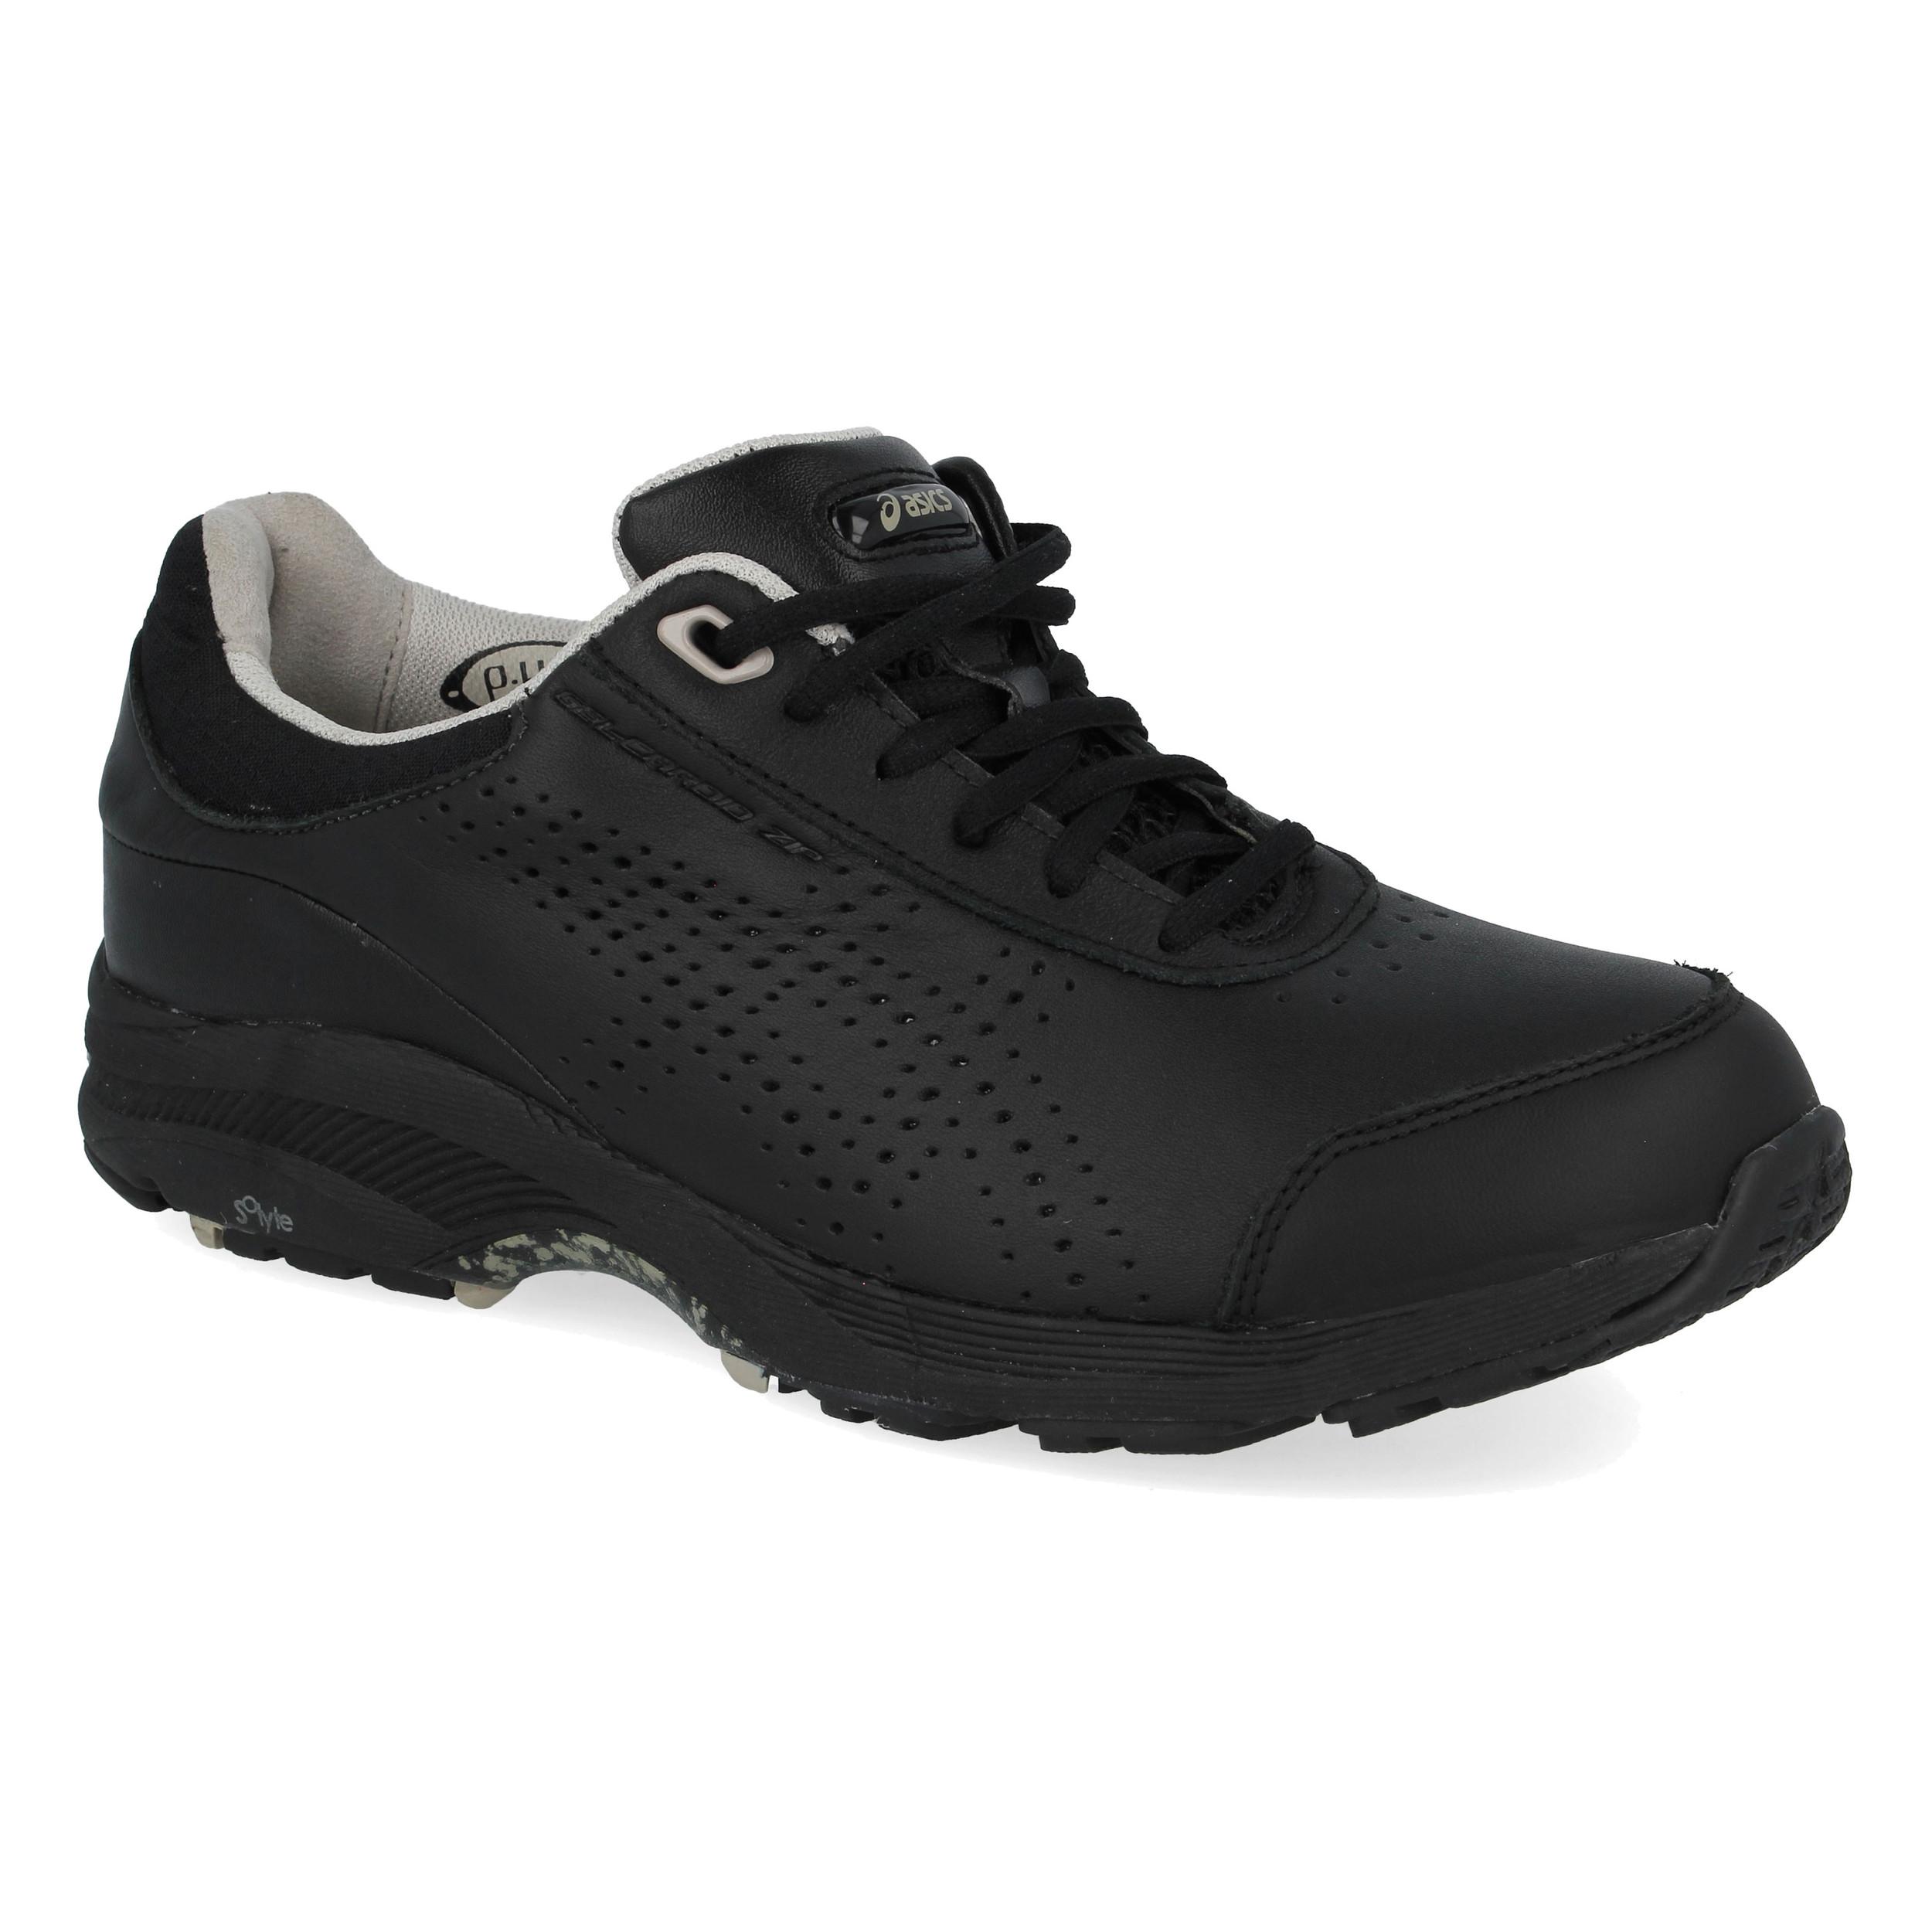 Sur Noir Femmes Marche Gel Chaussure Extérieur Cardio Randonnée Asics Zip Sport De Détails 2 XNkOP08nw